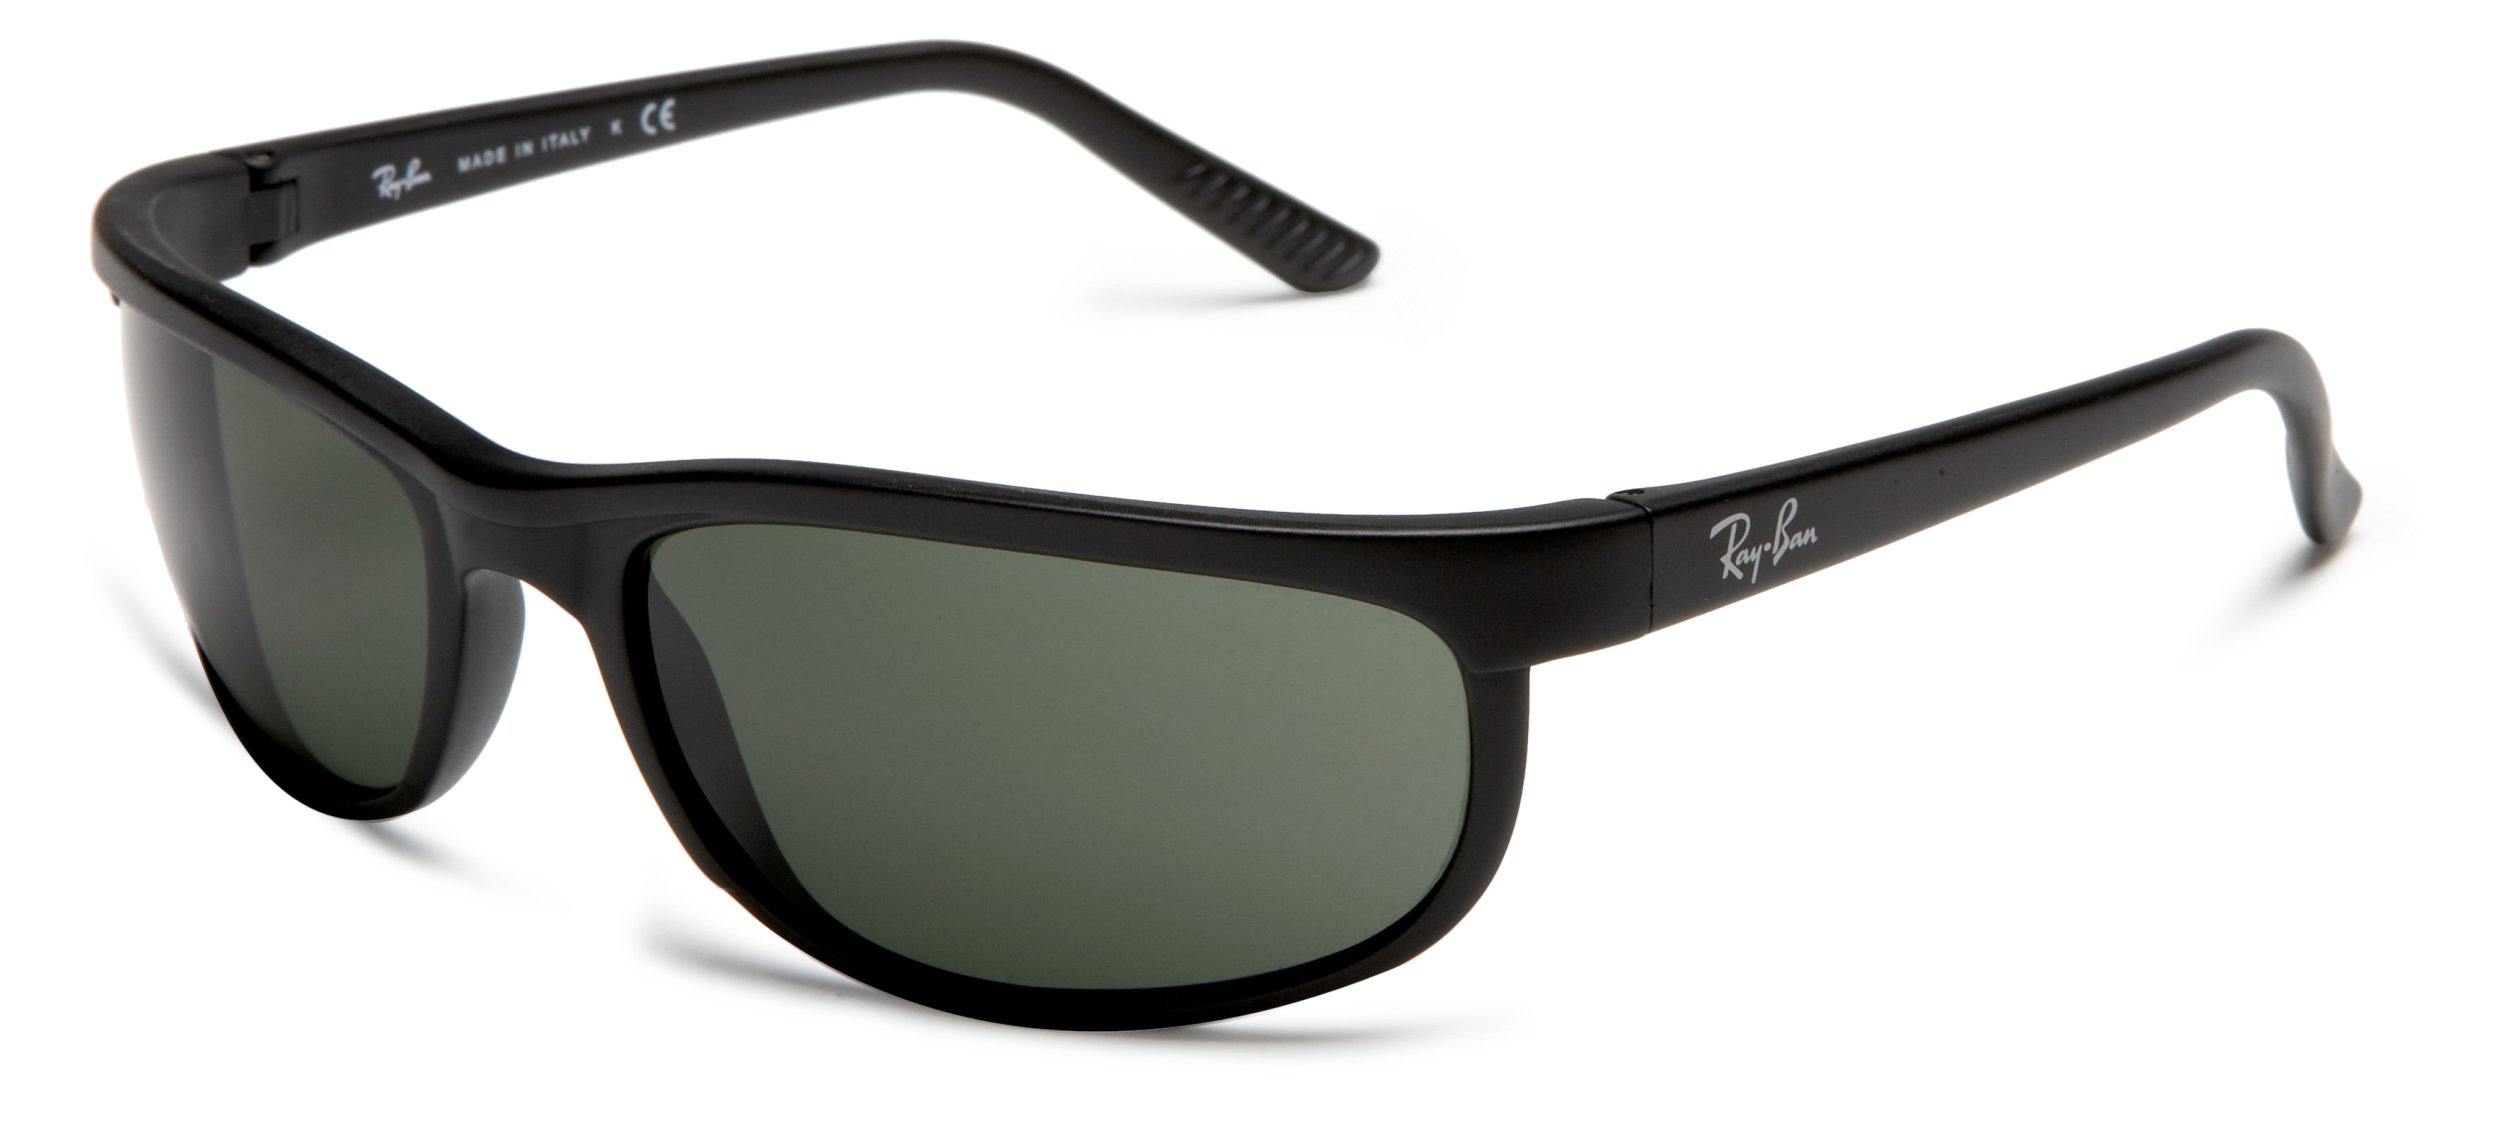 Ray-Ban Unisex Sonnenbrille Predator 2, Gr. X-Large (Herstellergröße ...